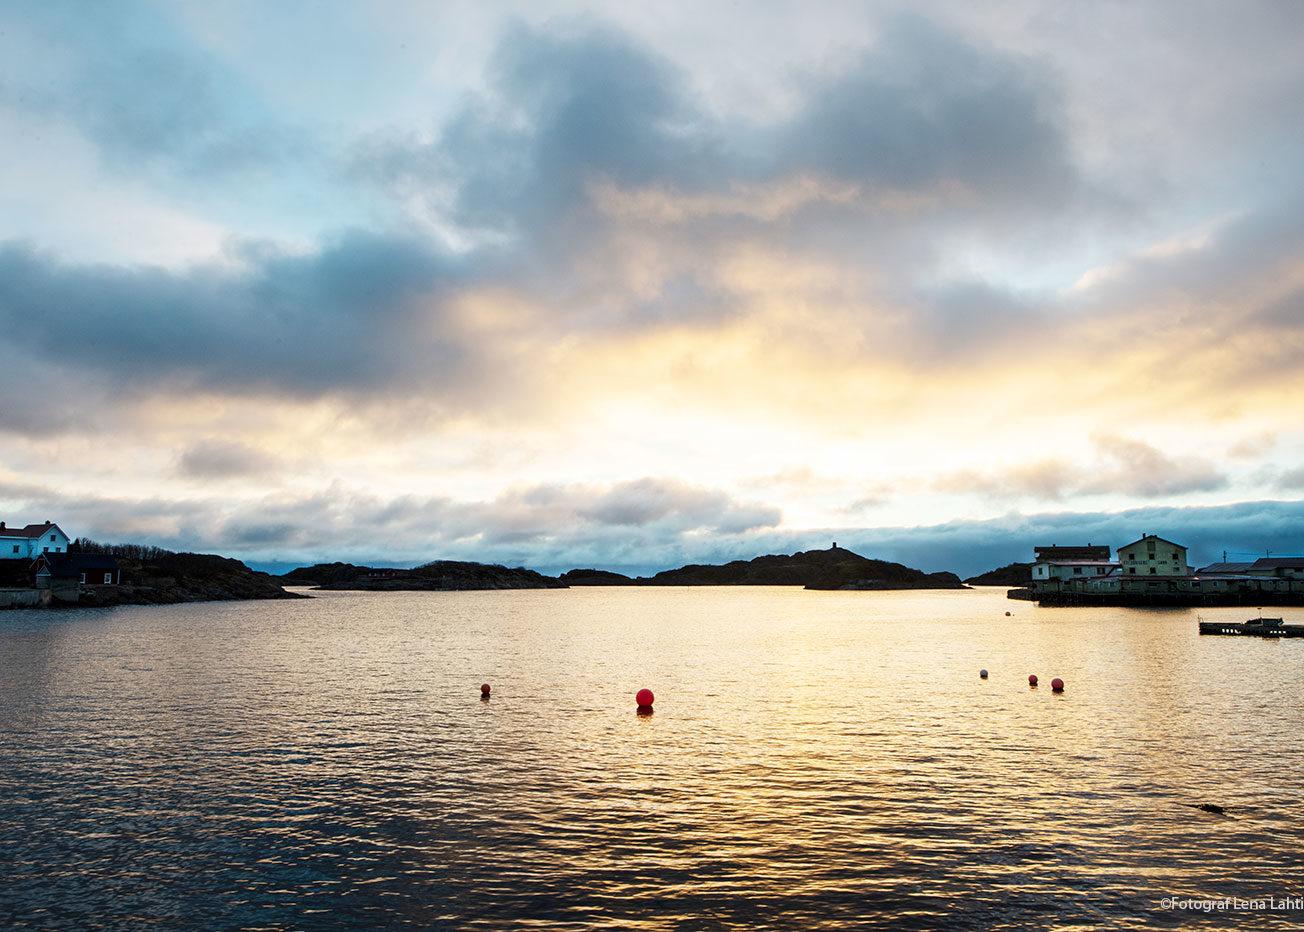 mörkertid, hav med sol, skymning, Henningsvær, Lofoten, Norge